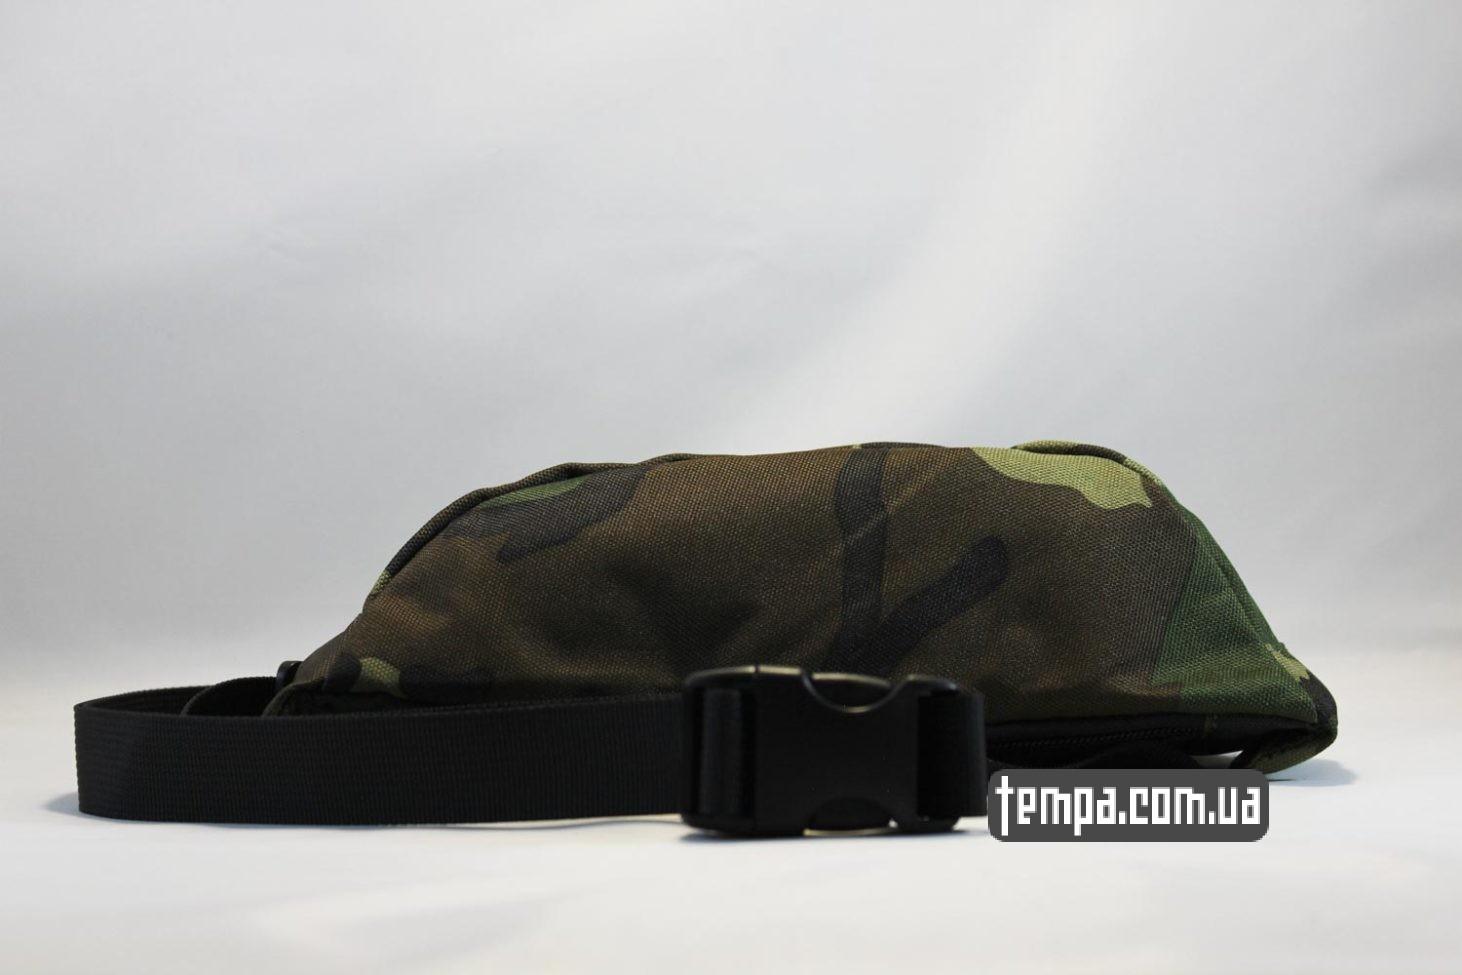 сумка на пояс купить поясная сумка бананка Carhartt Fanny Pack военного цвета